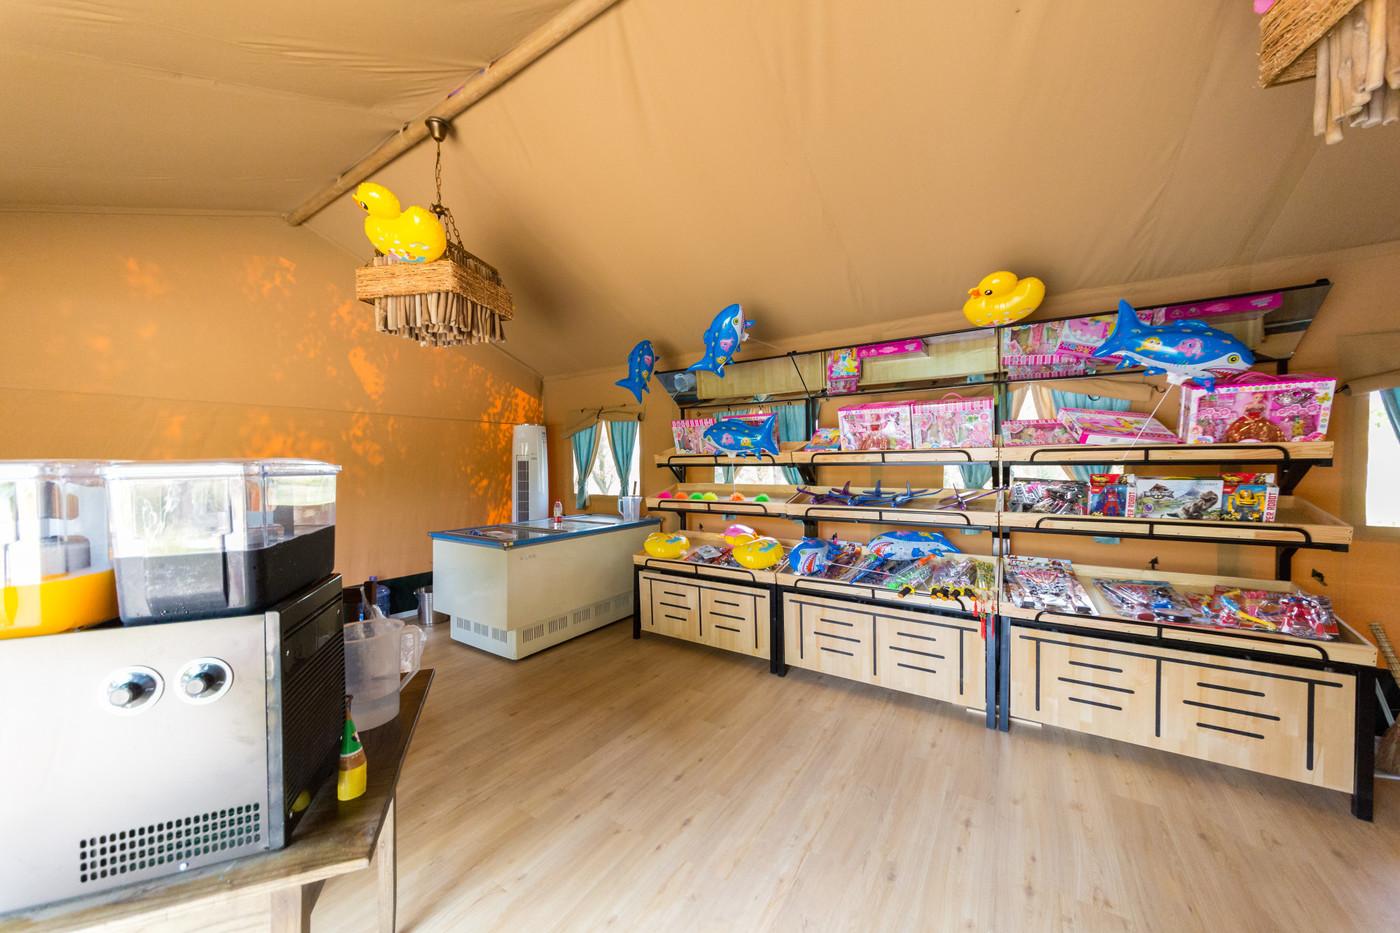 喜马拉雅野奢帐篷酒店—淮安白马湖度假区商铺20